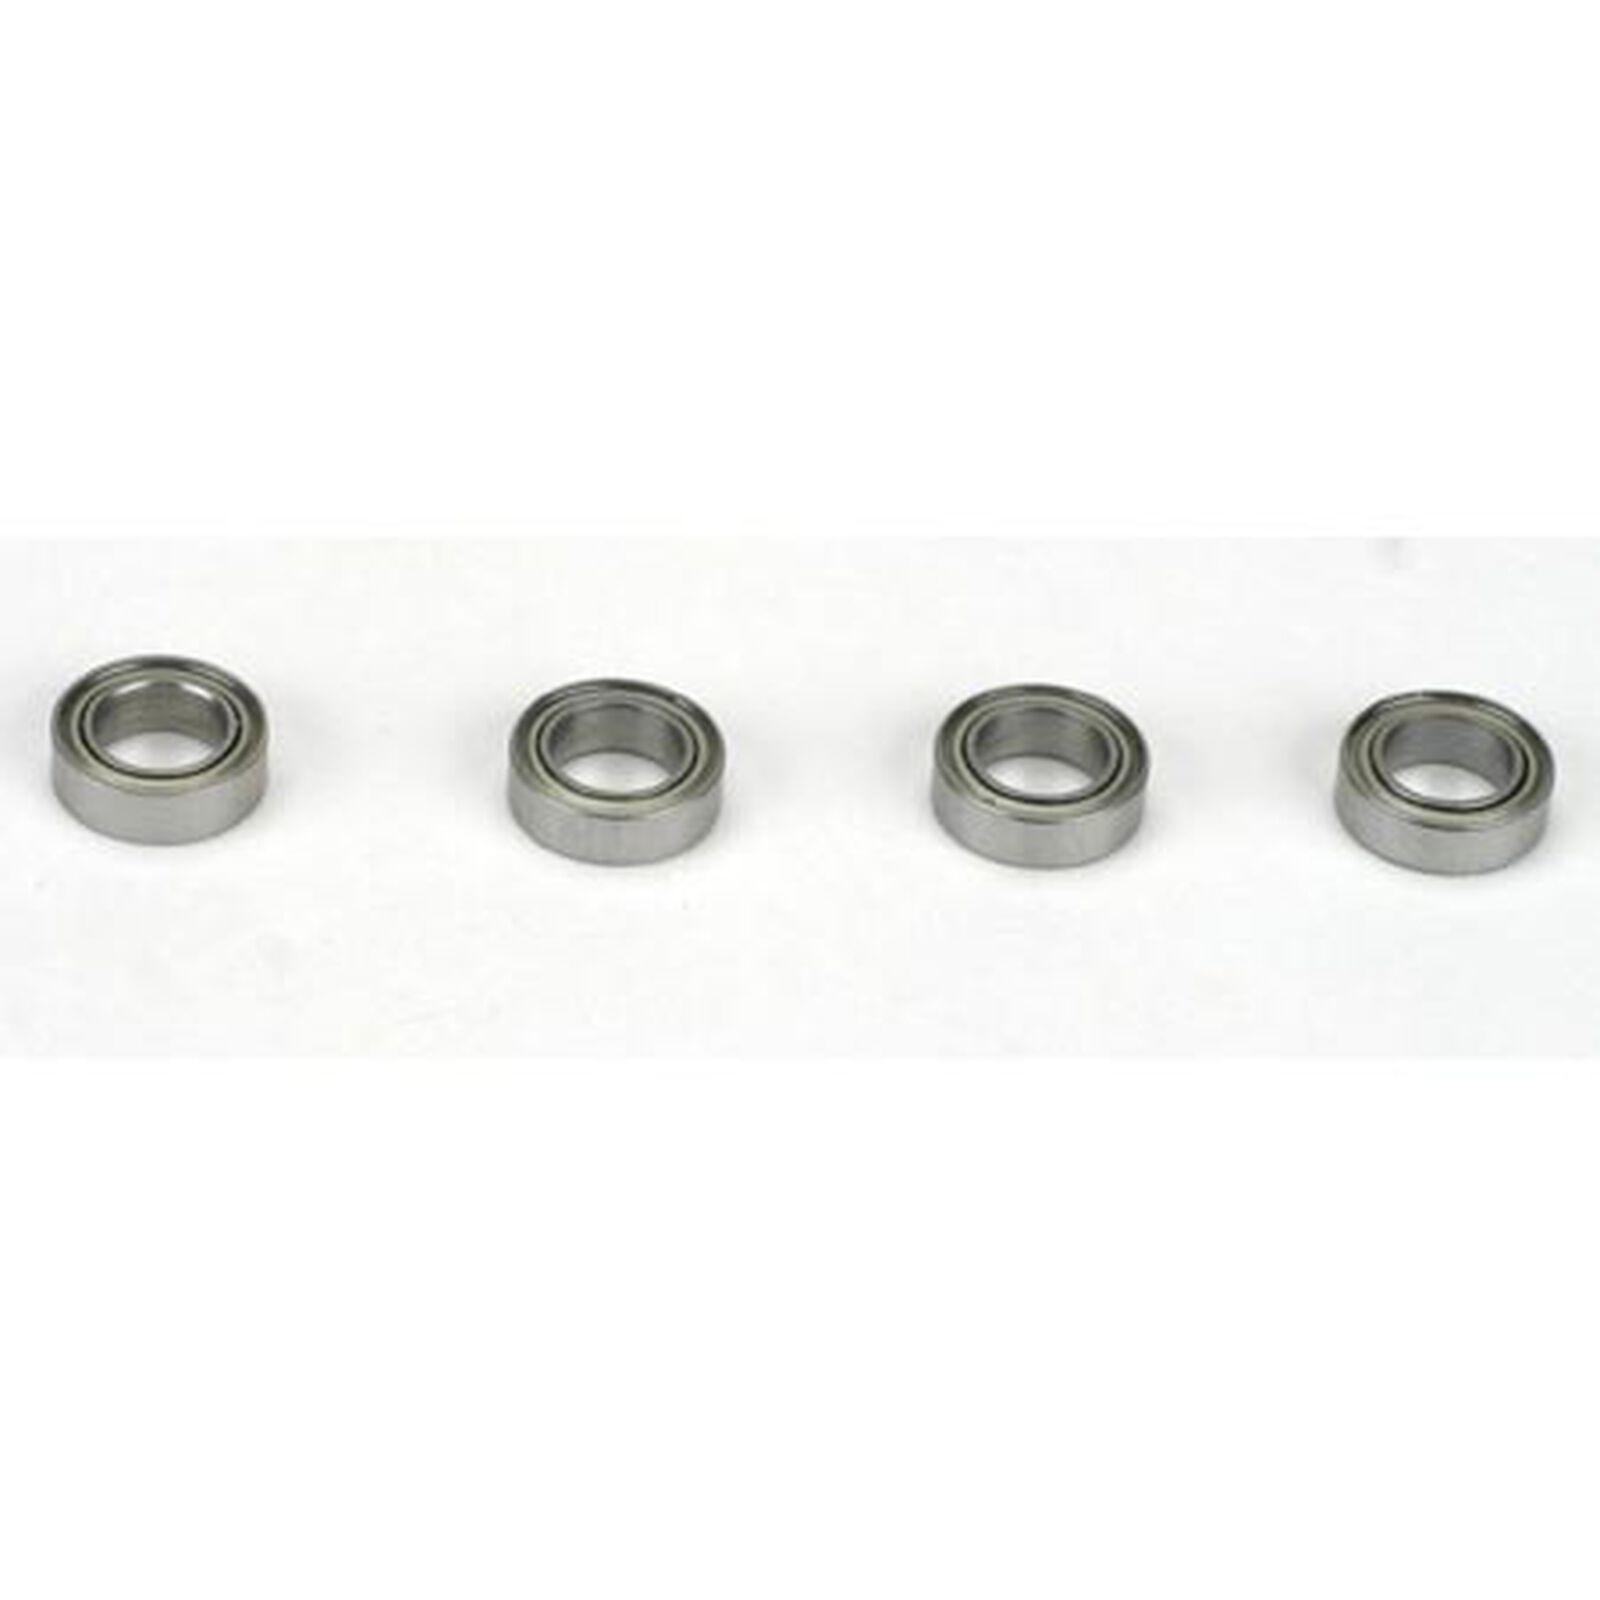 6x10mm Ball Bearing (4)